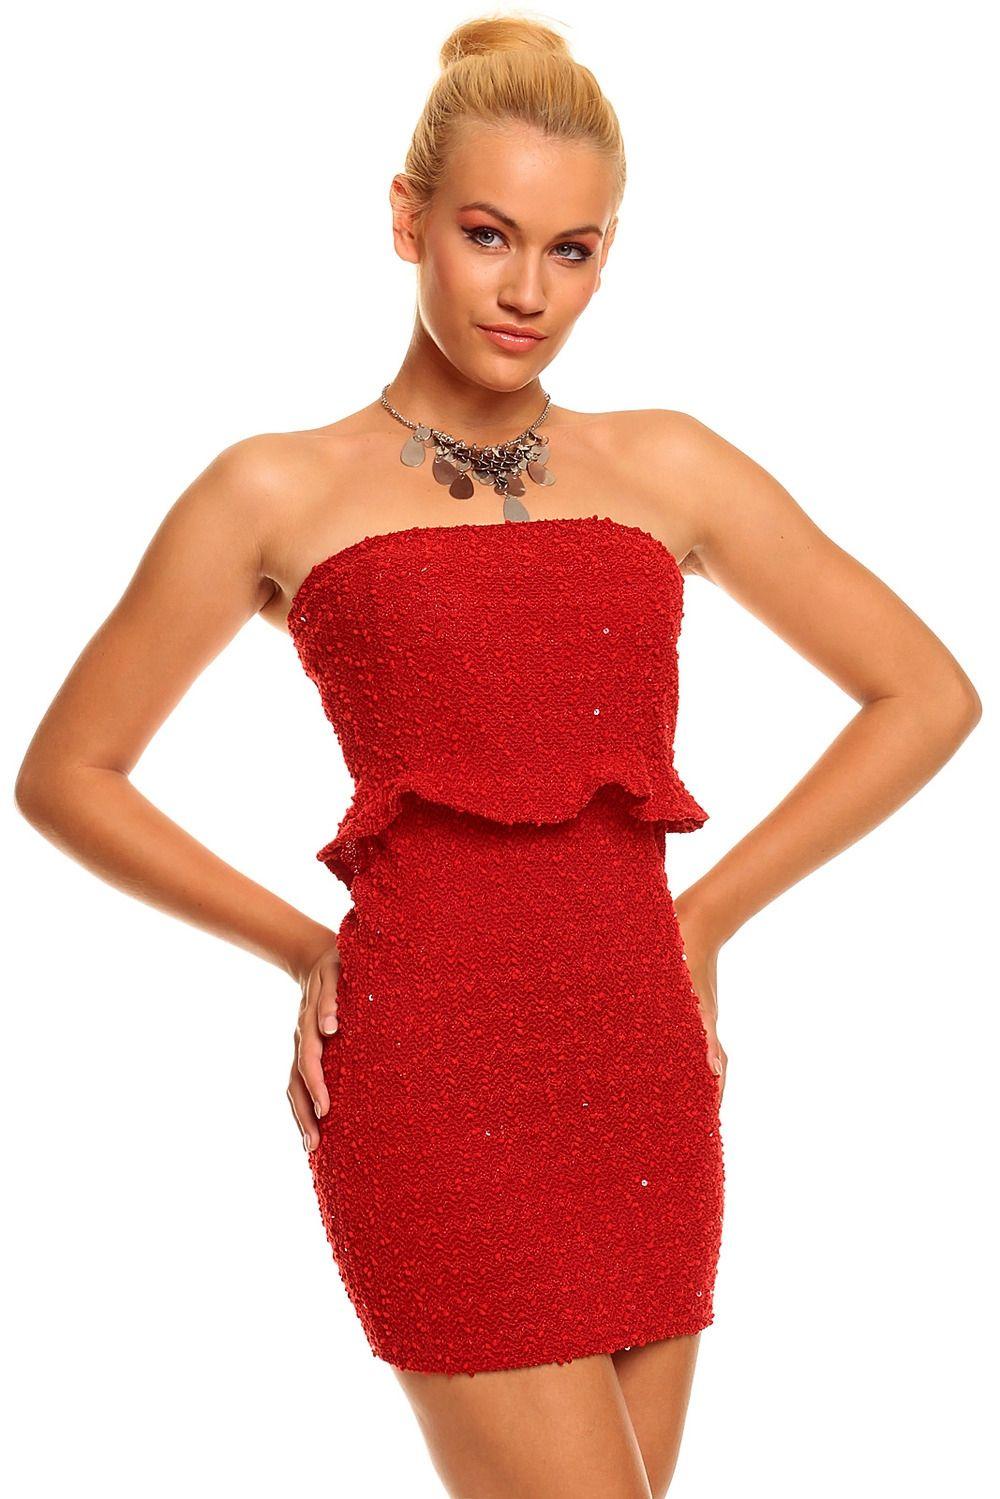 Красное приталенное платье (42-44) пижама жен mia cara майка шорты botanical aw15 ubl lst 264 р 42 44 1119503